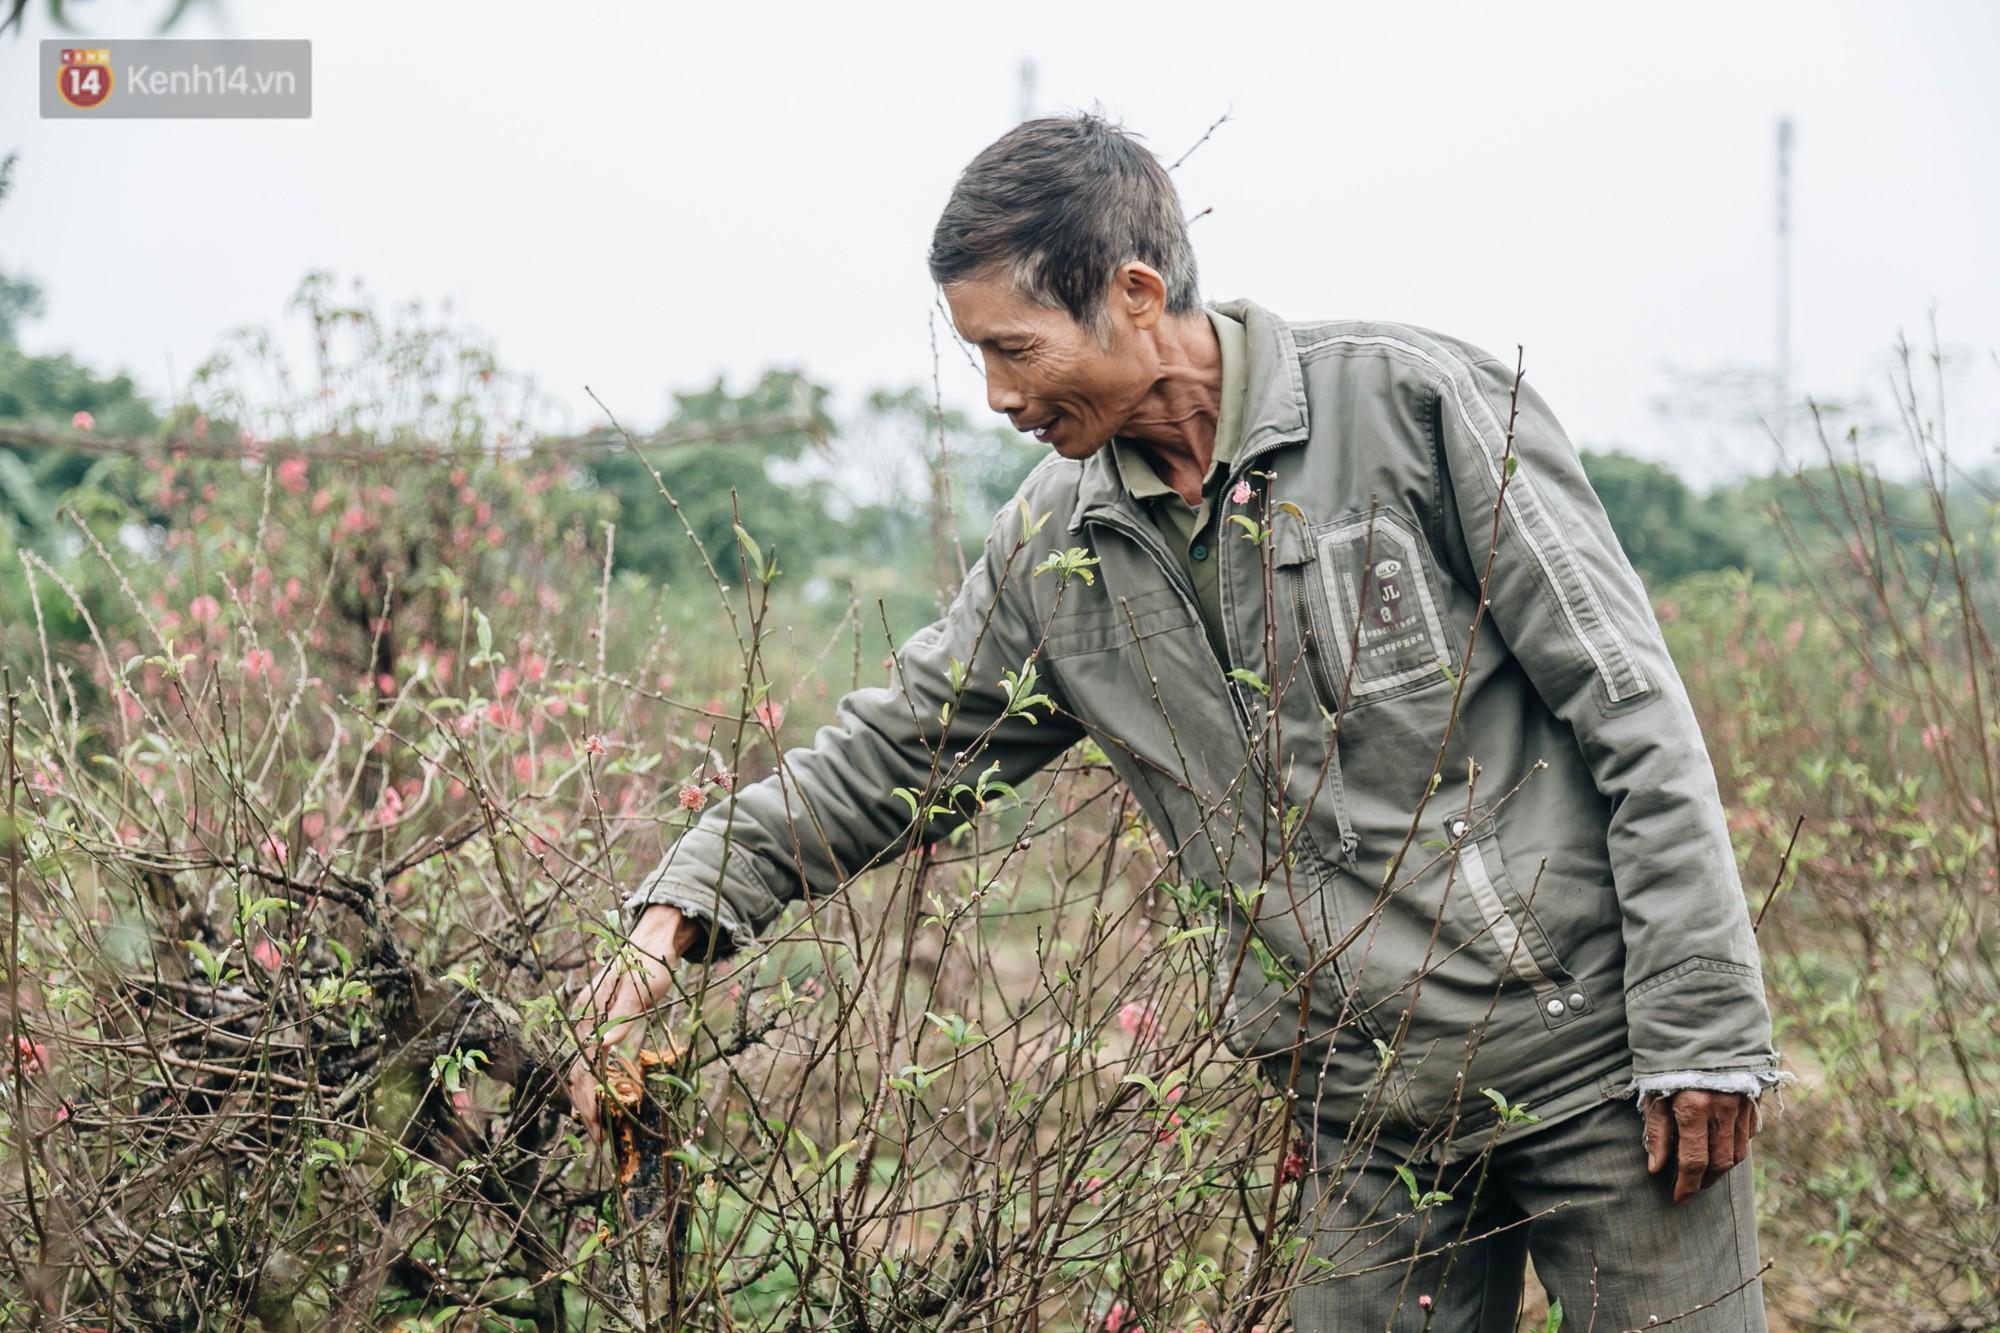 Gần 200 gốc đào của người dân Bắc Ninh bị chặt phá trong đêm: Tết năm nay còn chả có bánh chưng mà ăn-9